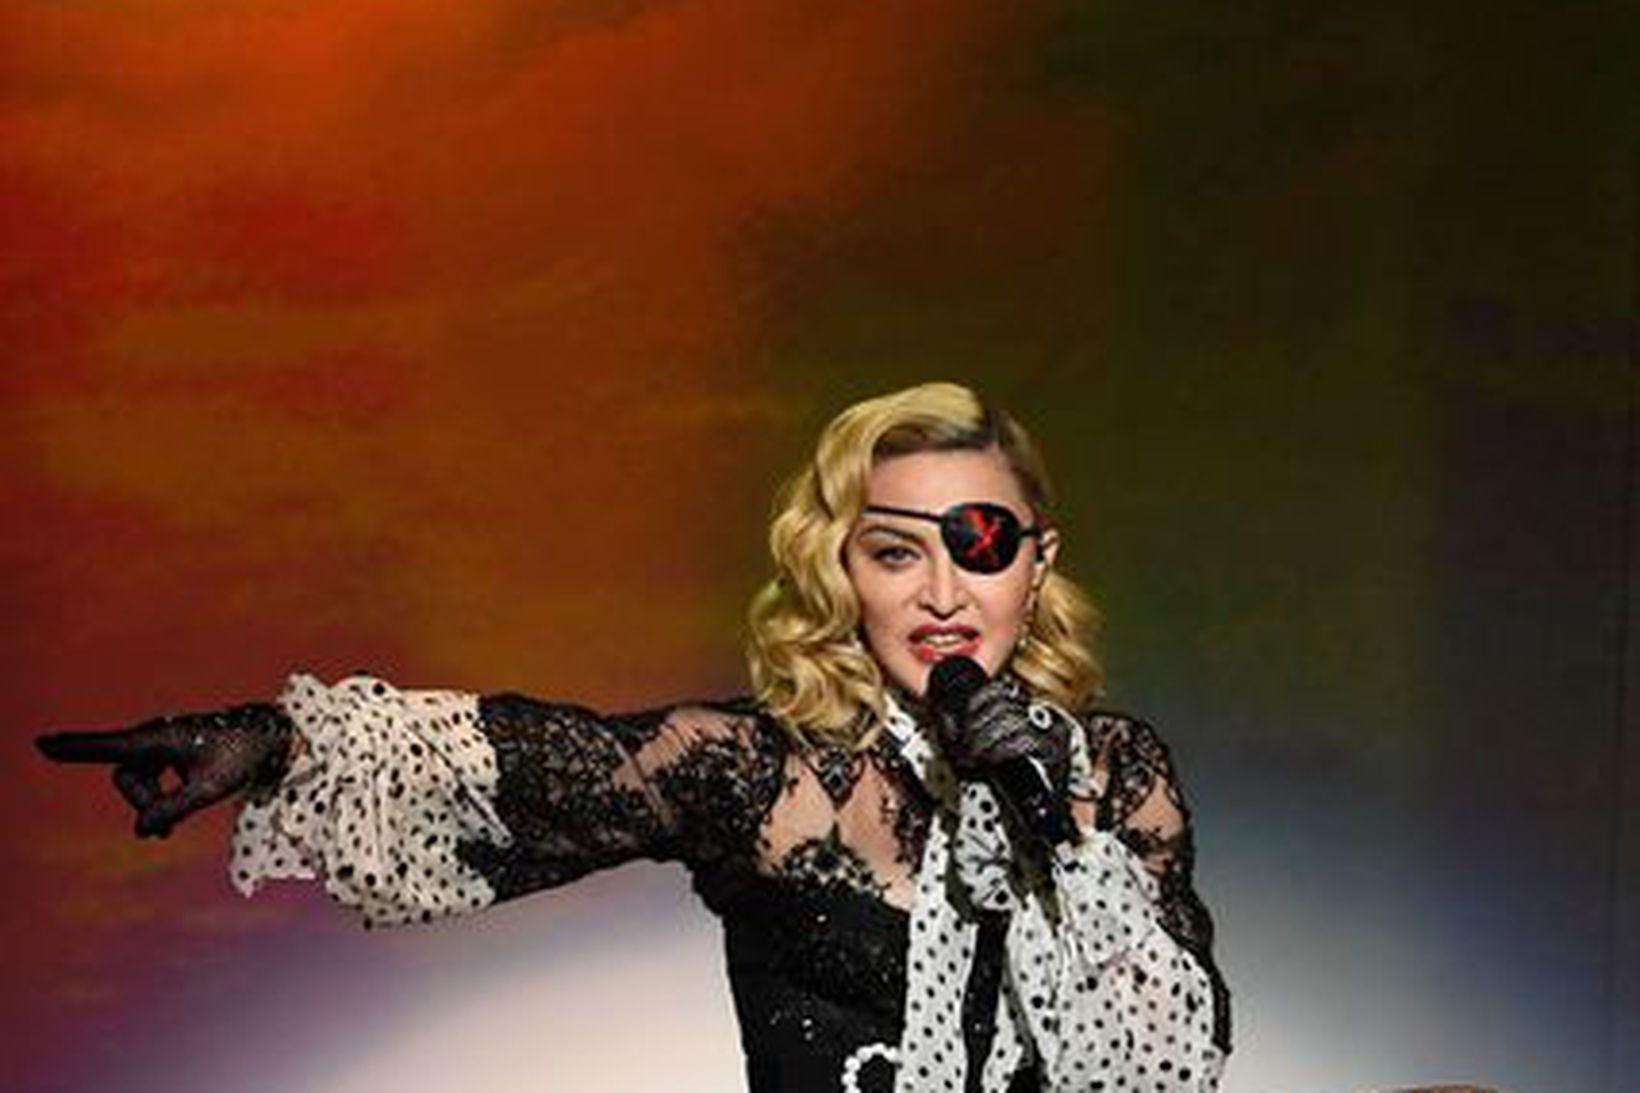 Madonna sýnir kunnuglega takta á Billboard tónlistarverðlaunahátíðinni í maí á …